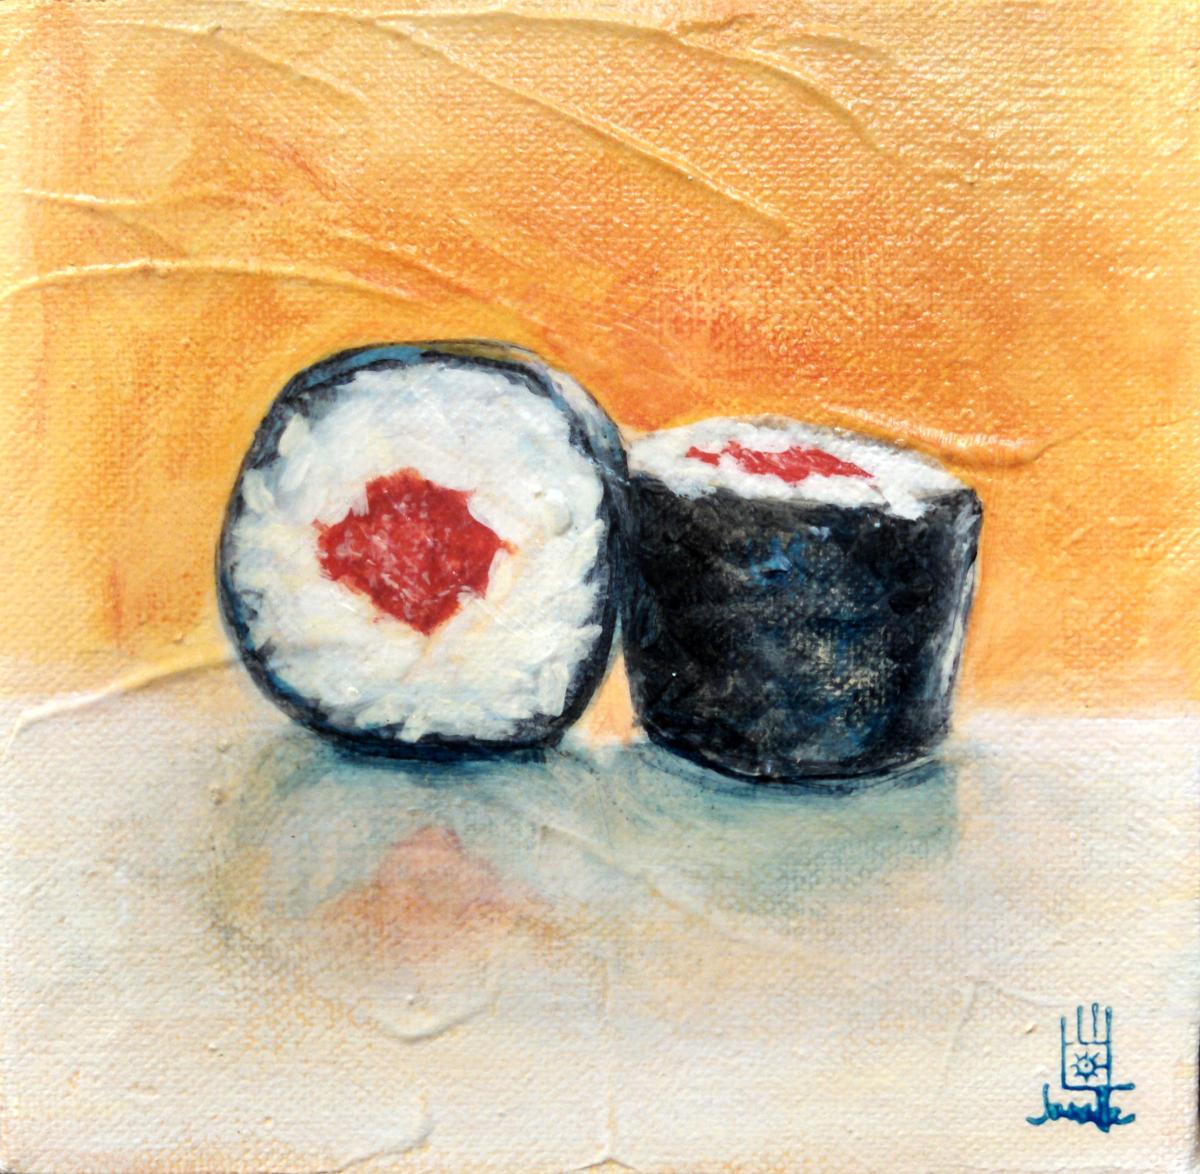 food-painting-hap-dan-day-me-hoac-19